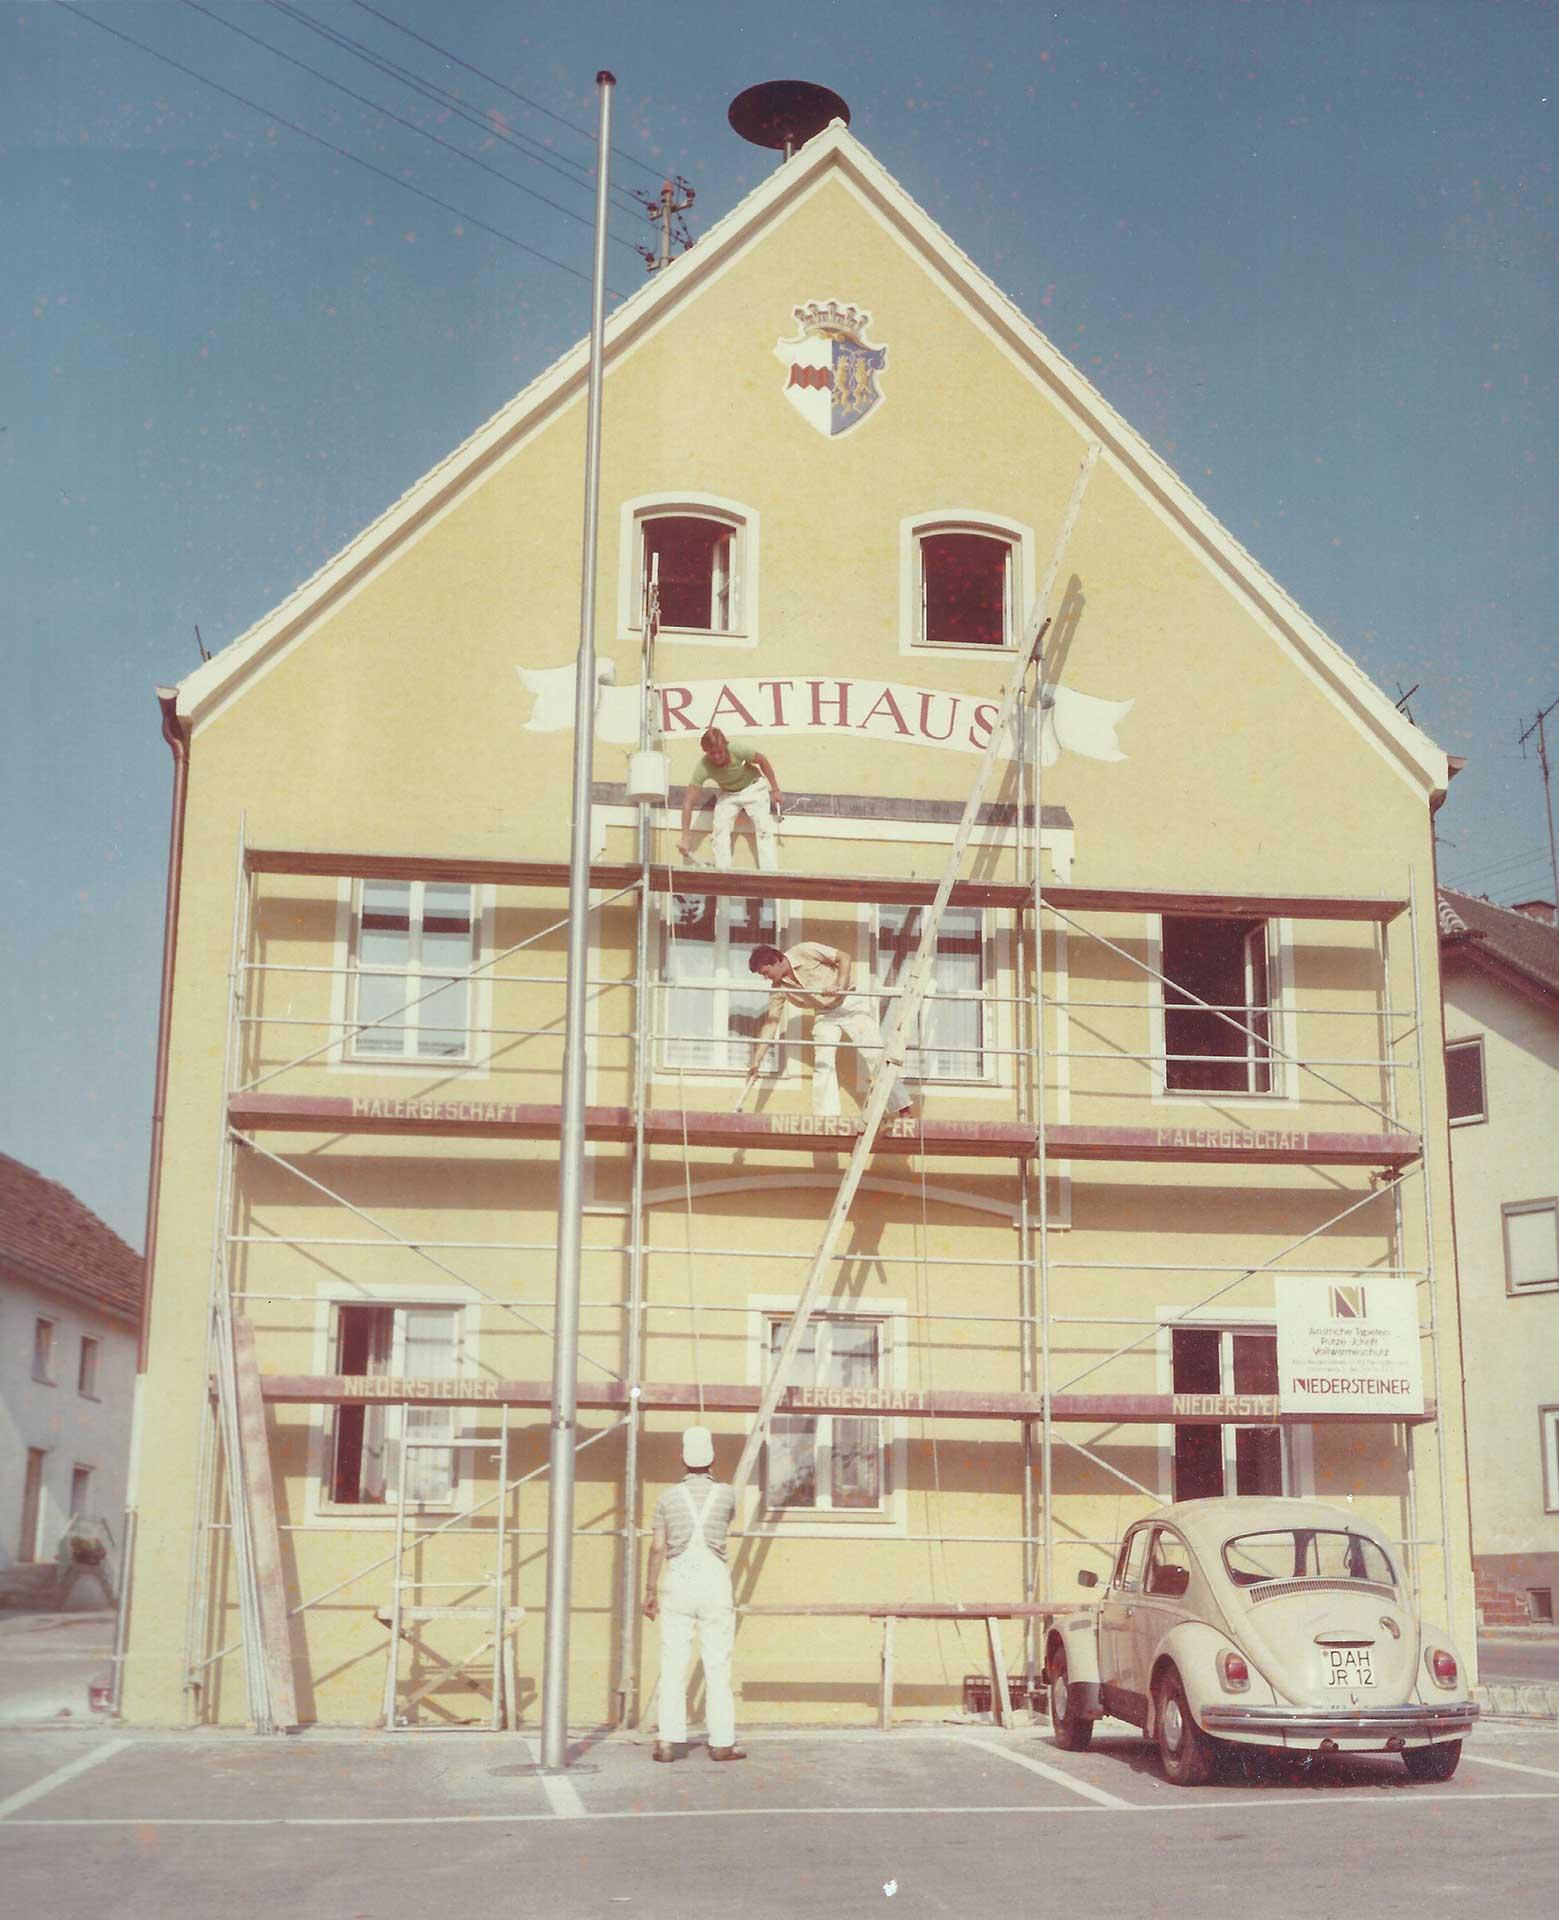 Rathaus Markt Indersdorf